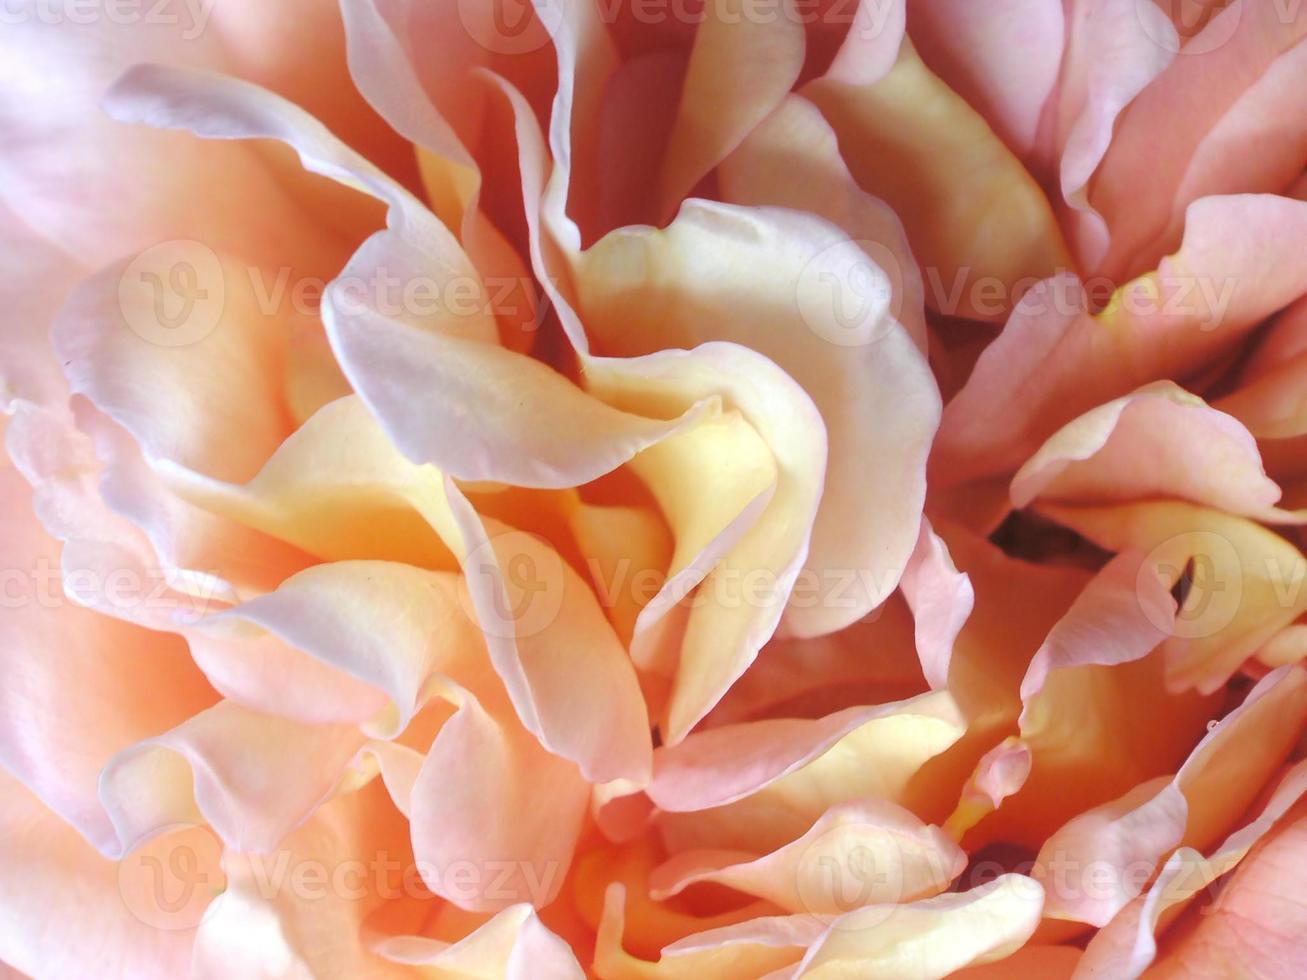 dettagli di petali di rosa foto